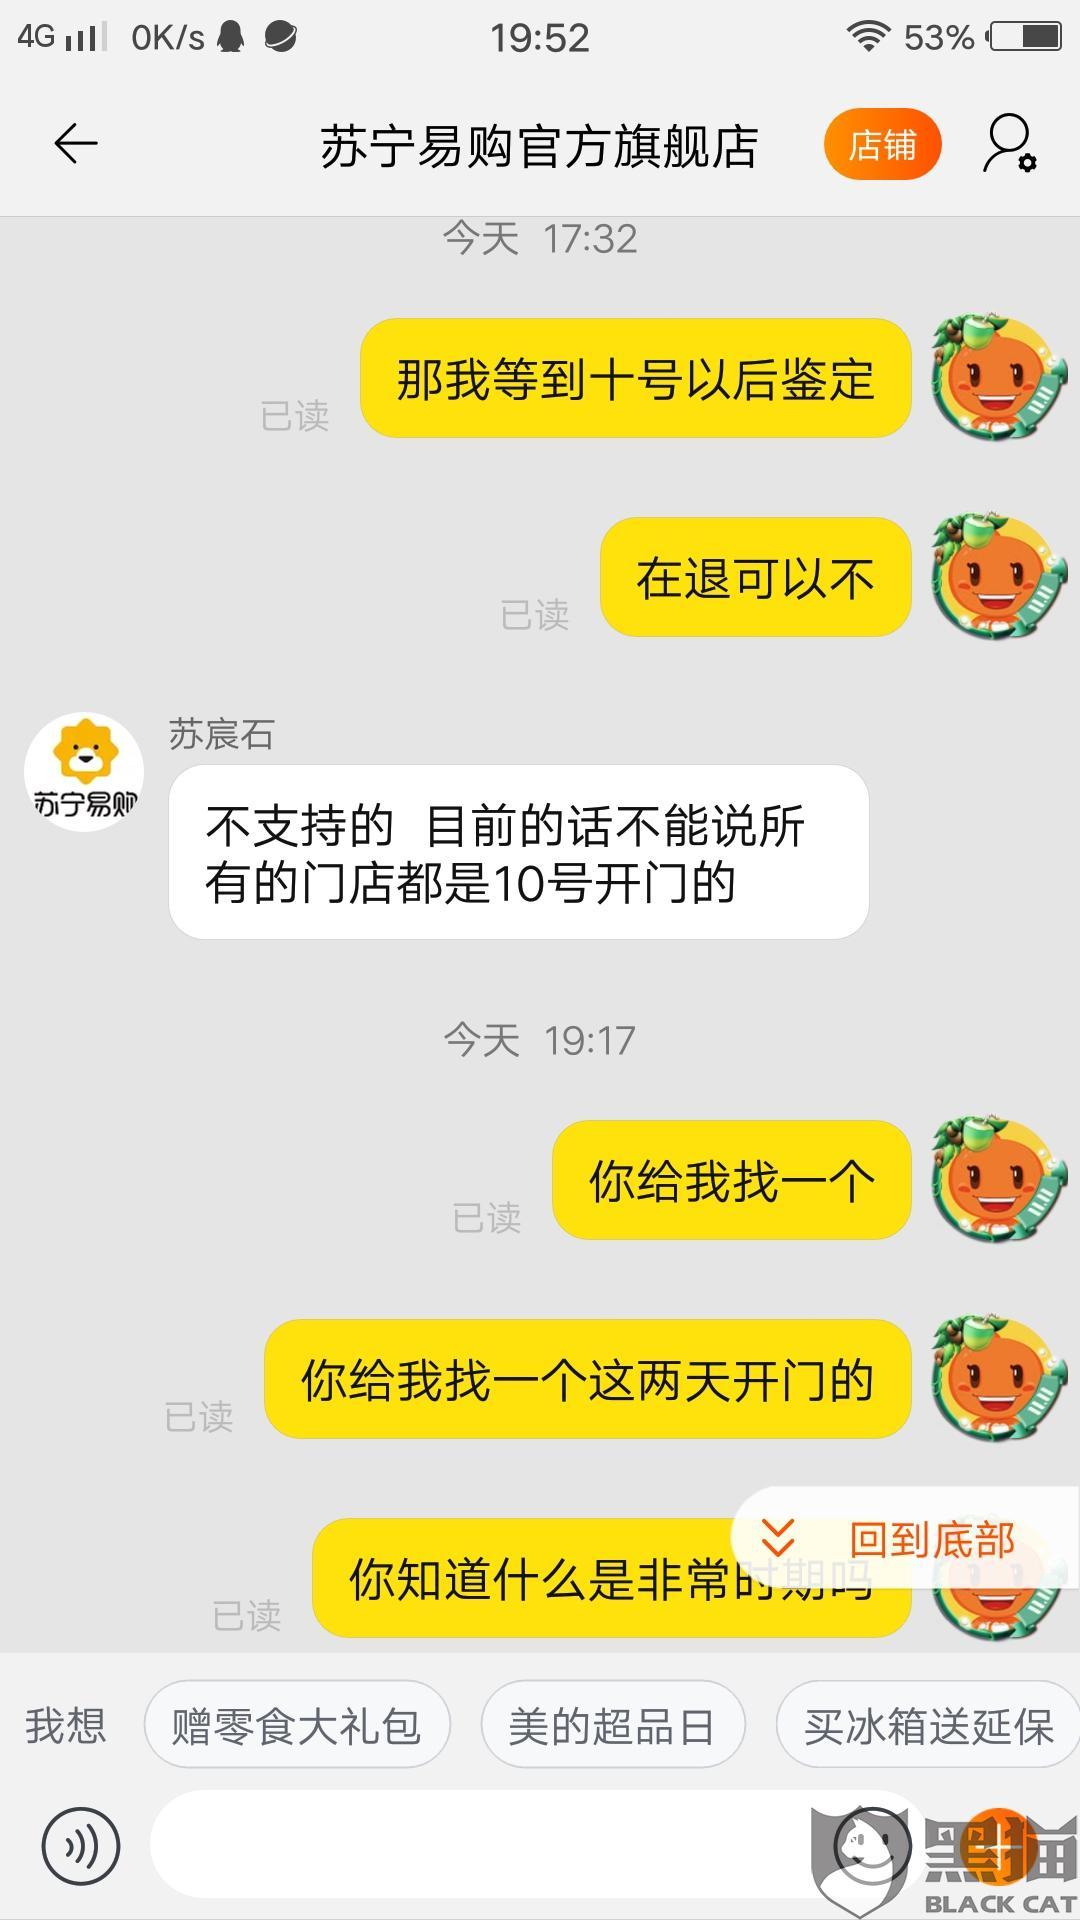 黑猫投诉:天猫苏宁易购的的苹果8p手机在激活过程中出现触摸屏故障,承诺七天退换货不履行。